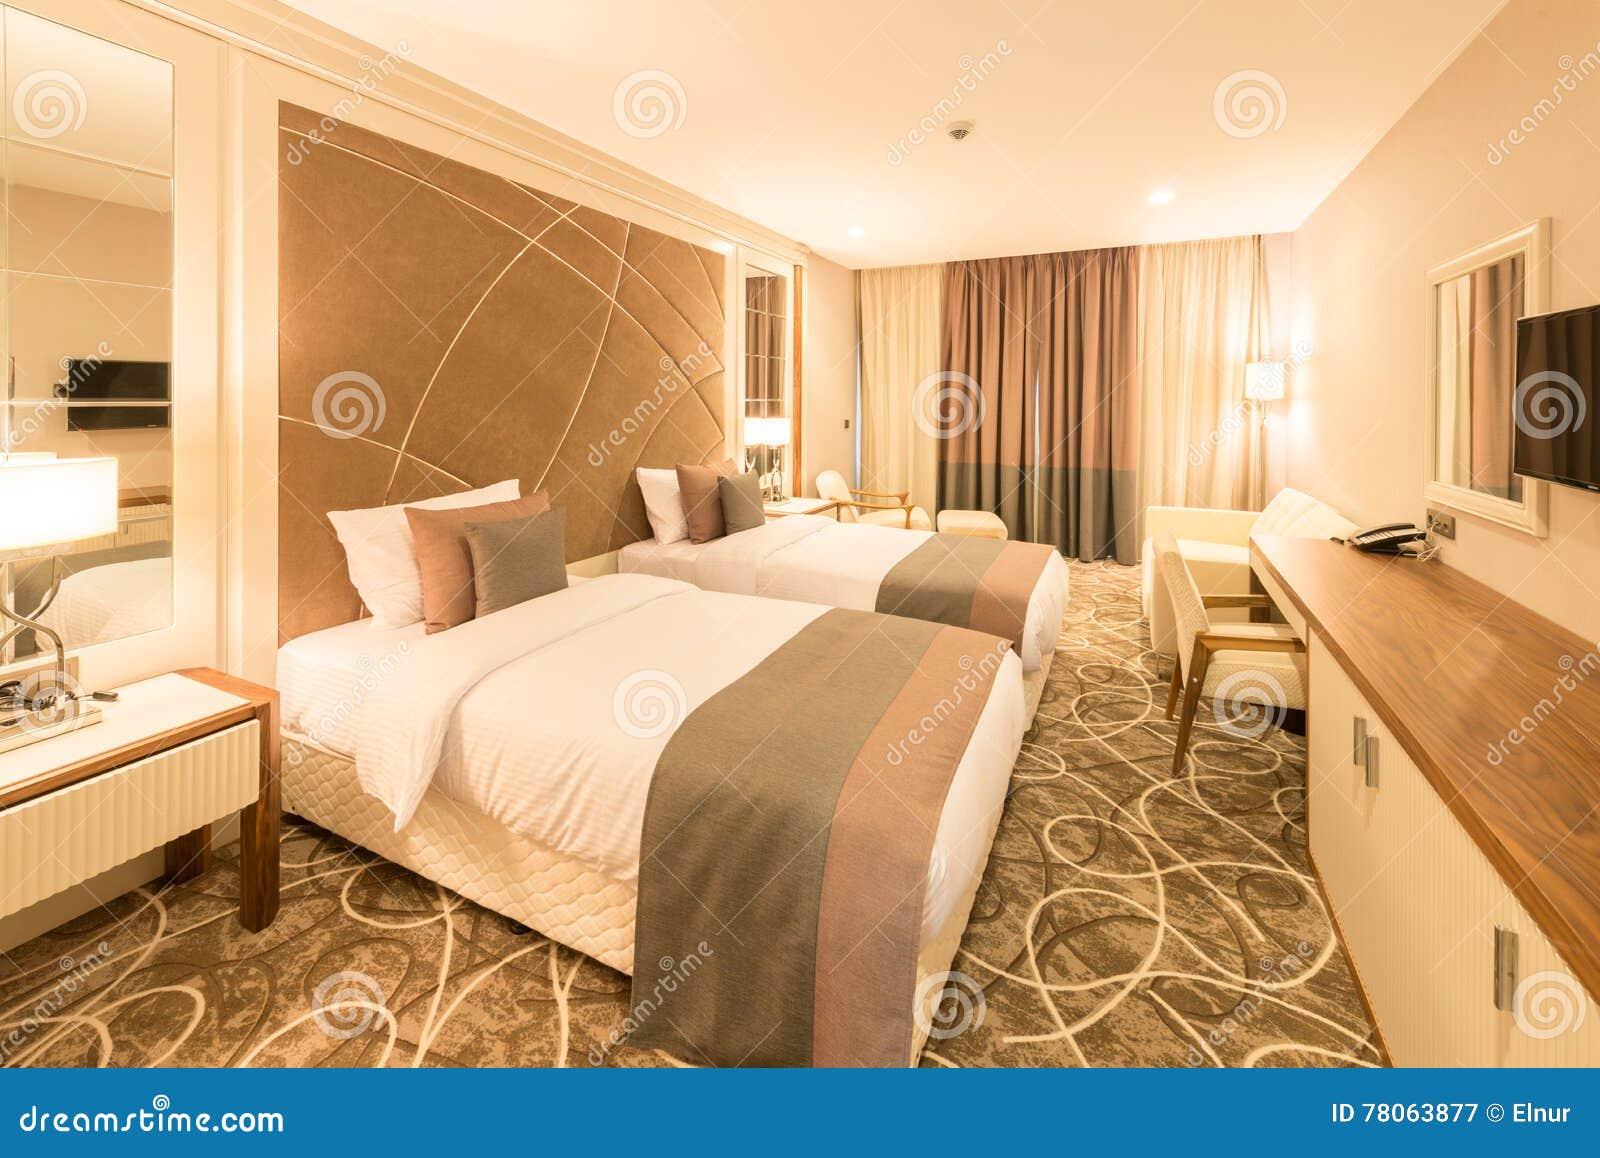 Nowożytny pokój hotelowy z dużym łóżkiem